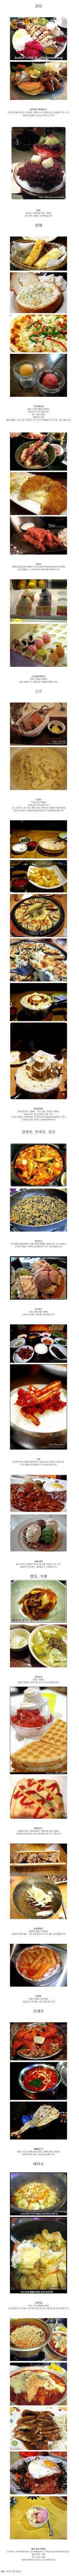 서울시내 주요 맛집 정보